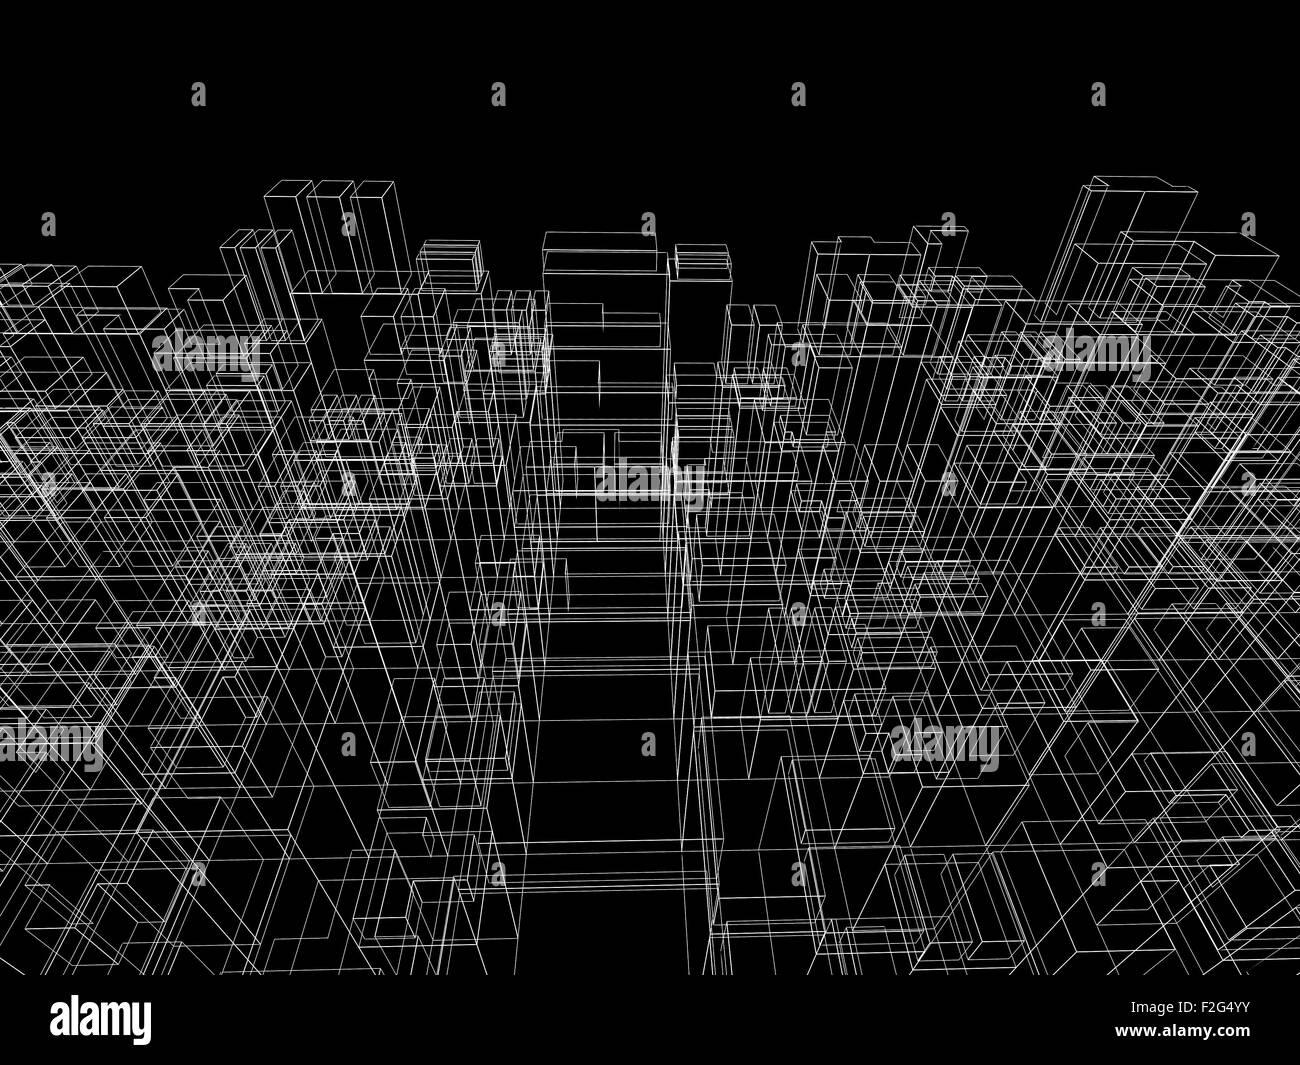 digitalen hintergrund mit kubischen 3d struktur wei e drahtrahmen linien auf schwarzem. Black Bedroom Furniture Sets. Home Design Ideas